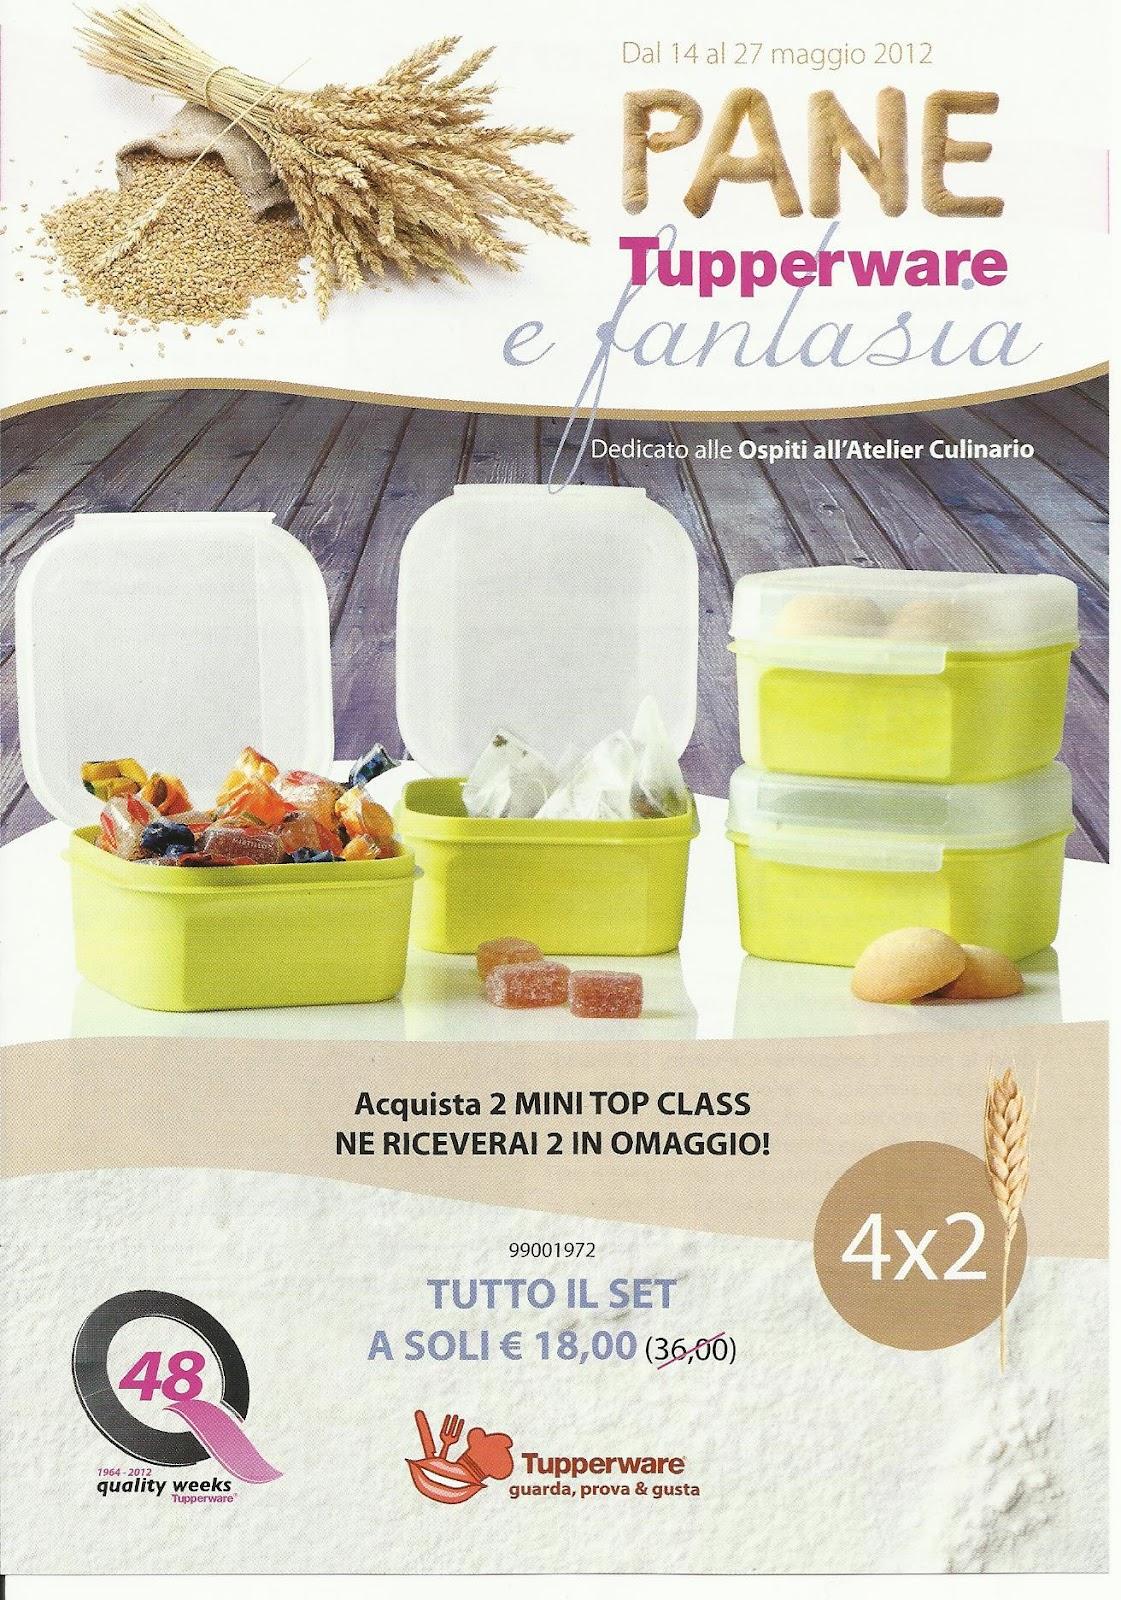 36afb1f0ed Cucina per amore: offerte per le ospiti dell'atelier di Maggio 2012